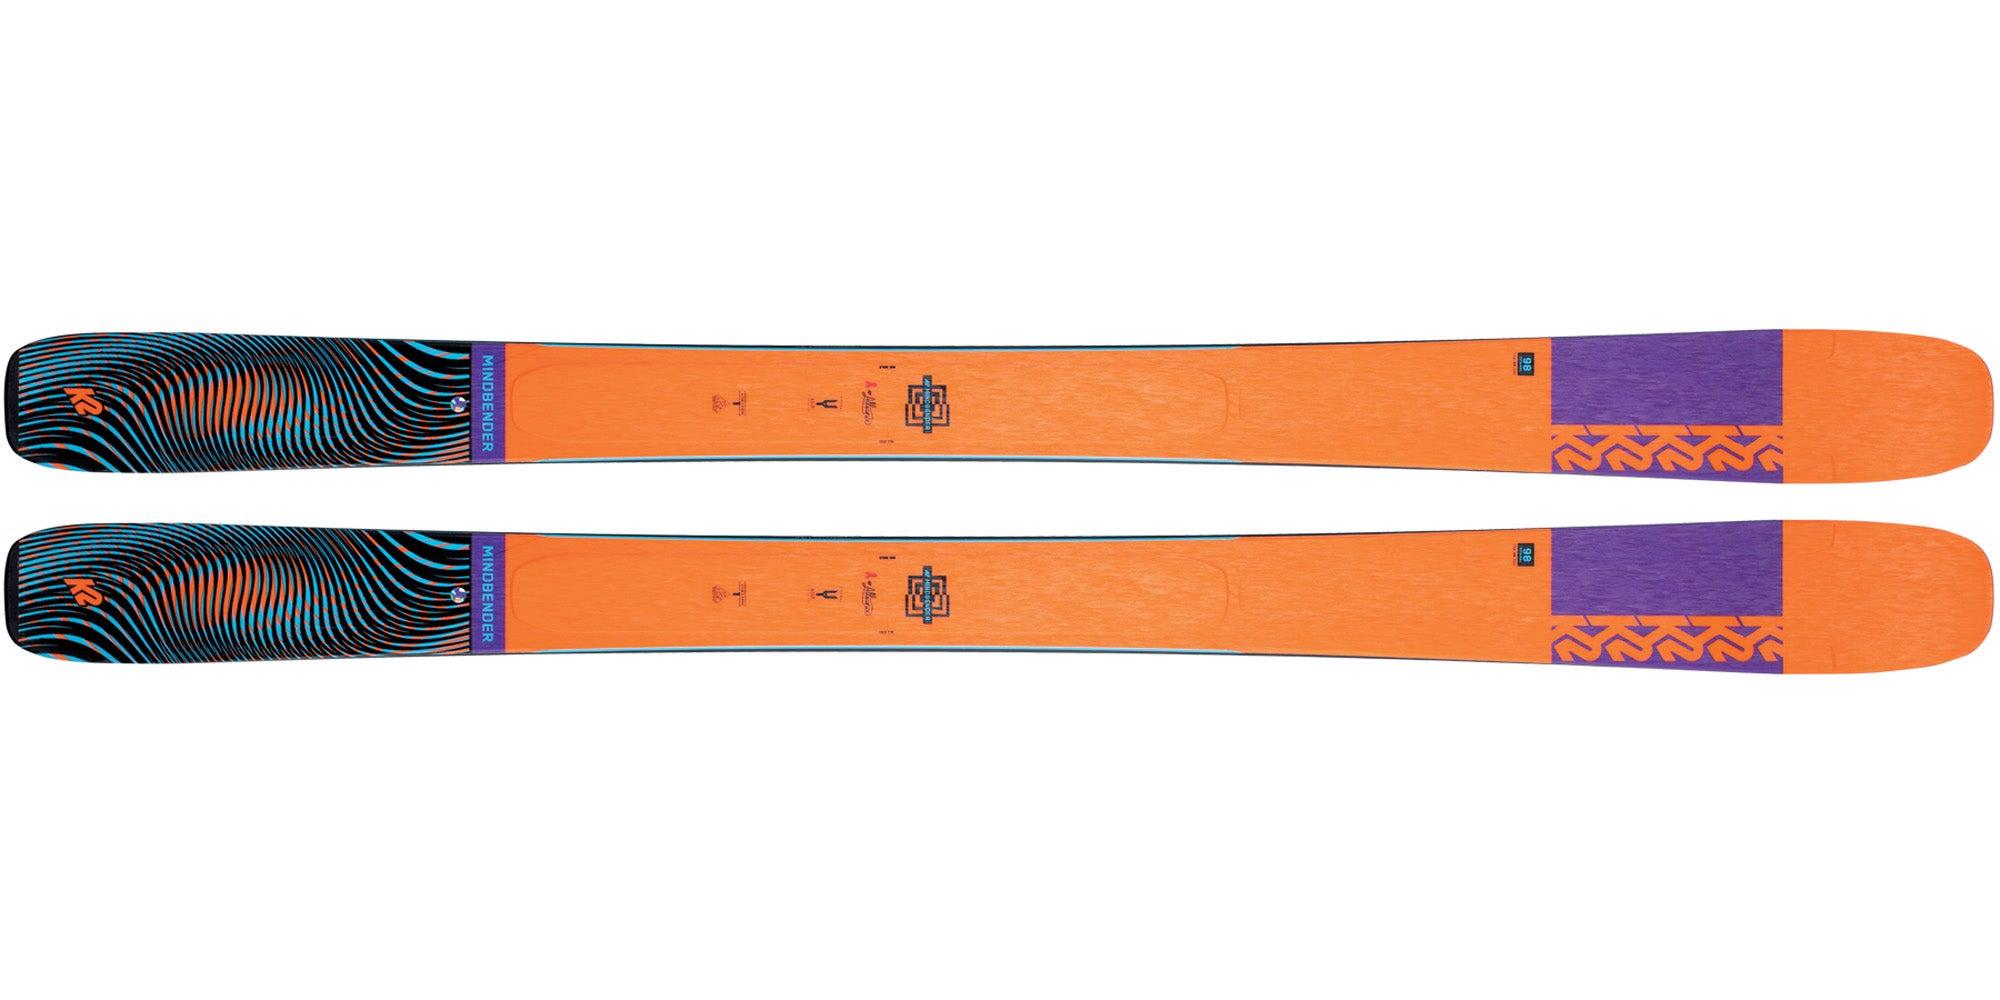 The 2021 K2 Mindbender 98Ti Alliance Women's All-Mountain Ski